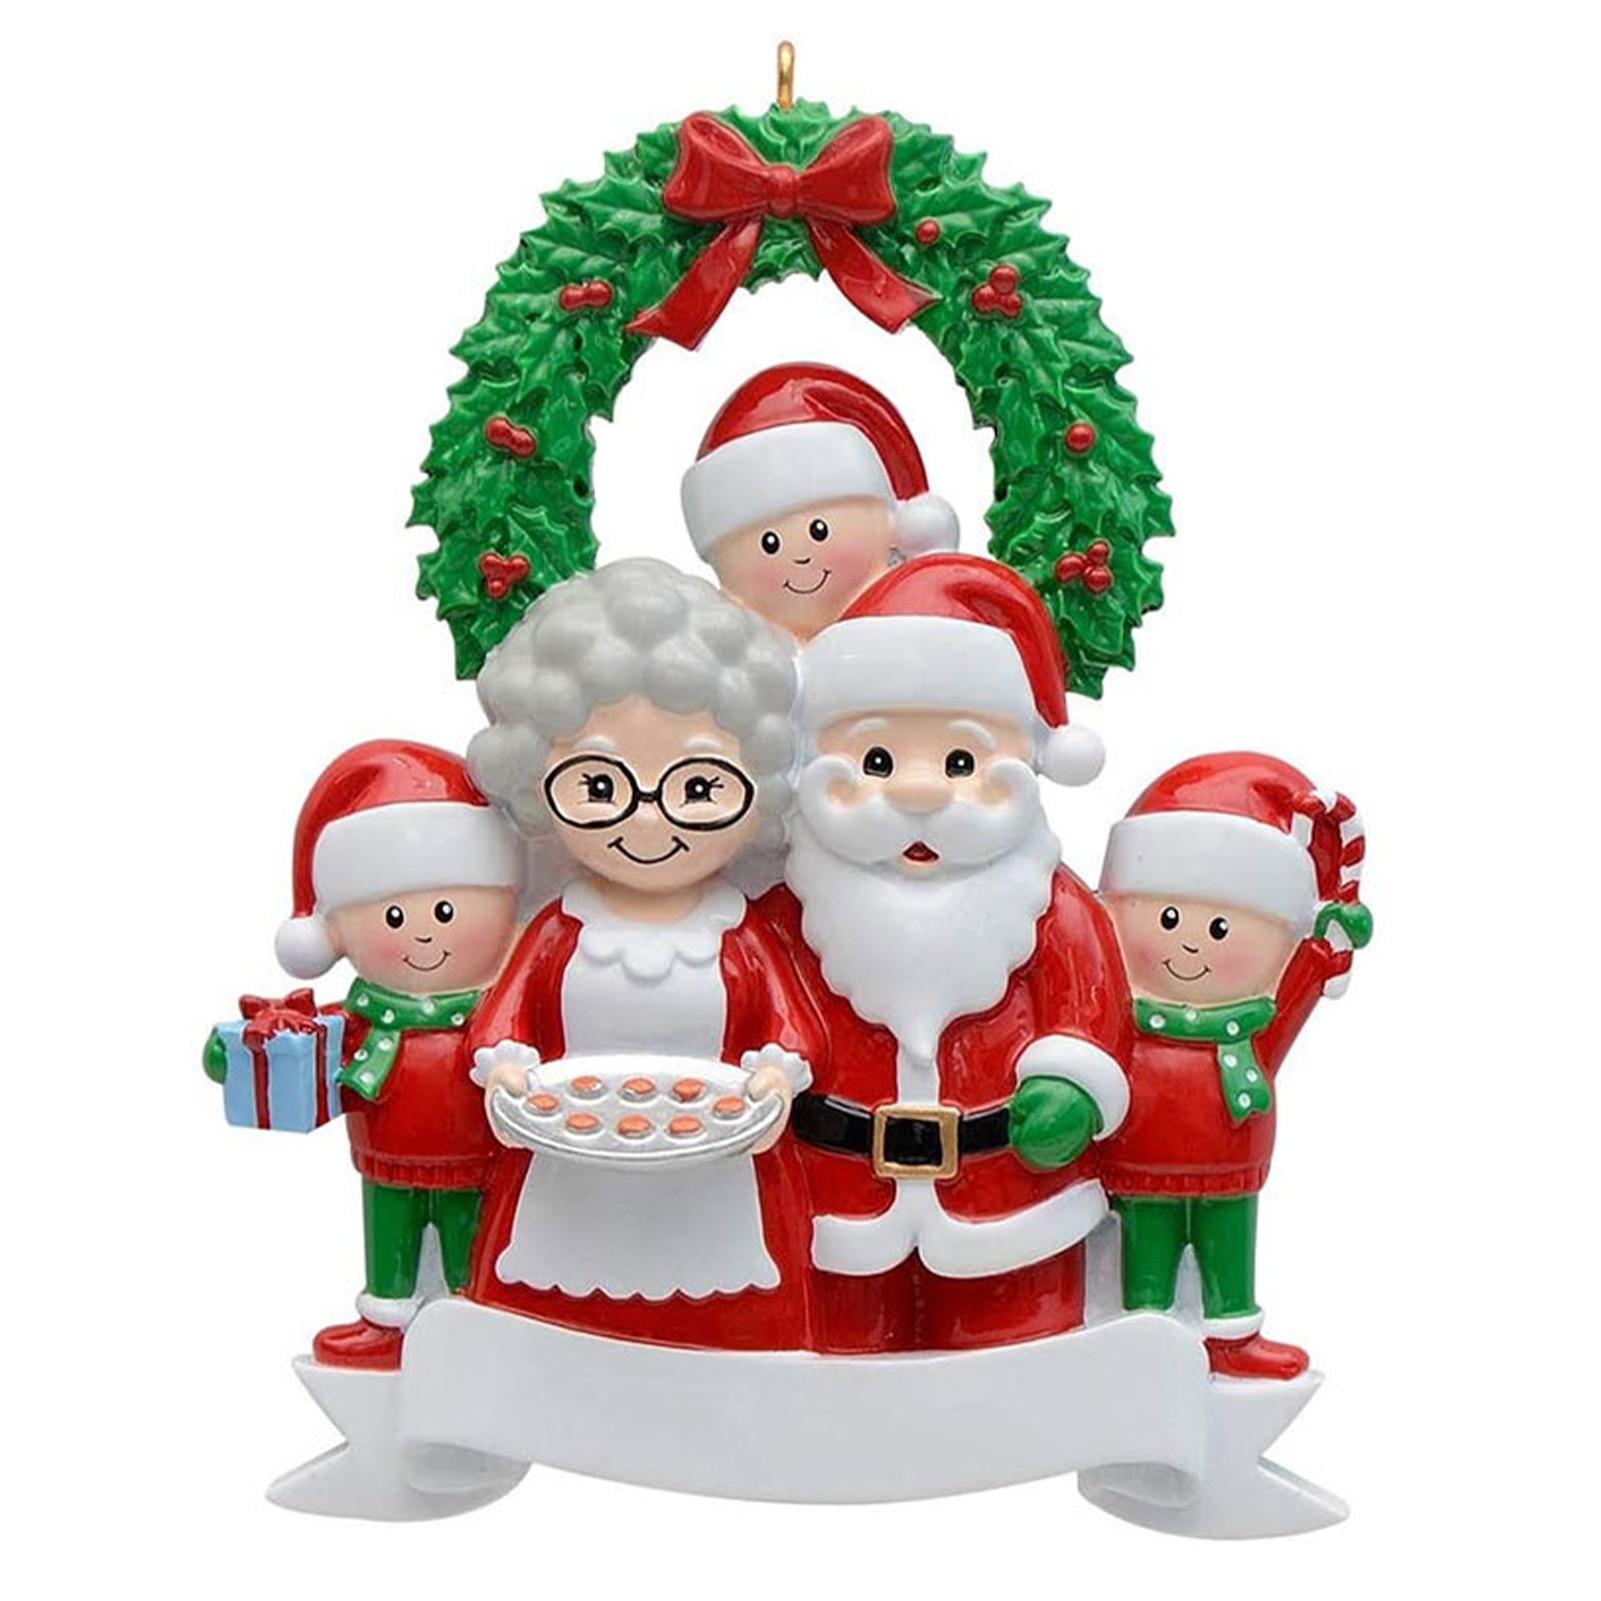 Рождественское украшение 2021, украшение для рождественской елки, подвеска из смолы для семьи, подвесные Подвески для домашней елки, детские ...